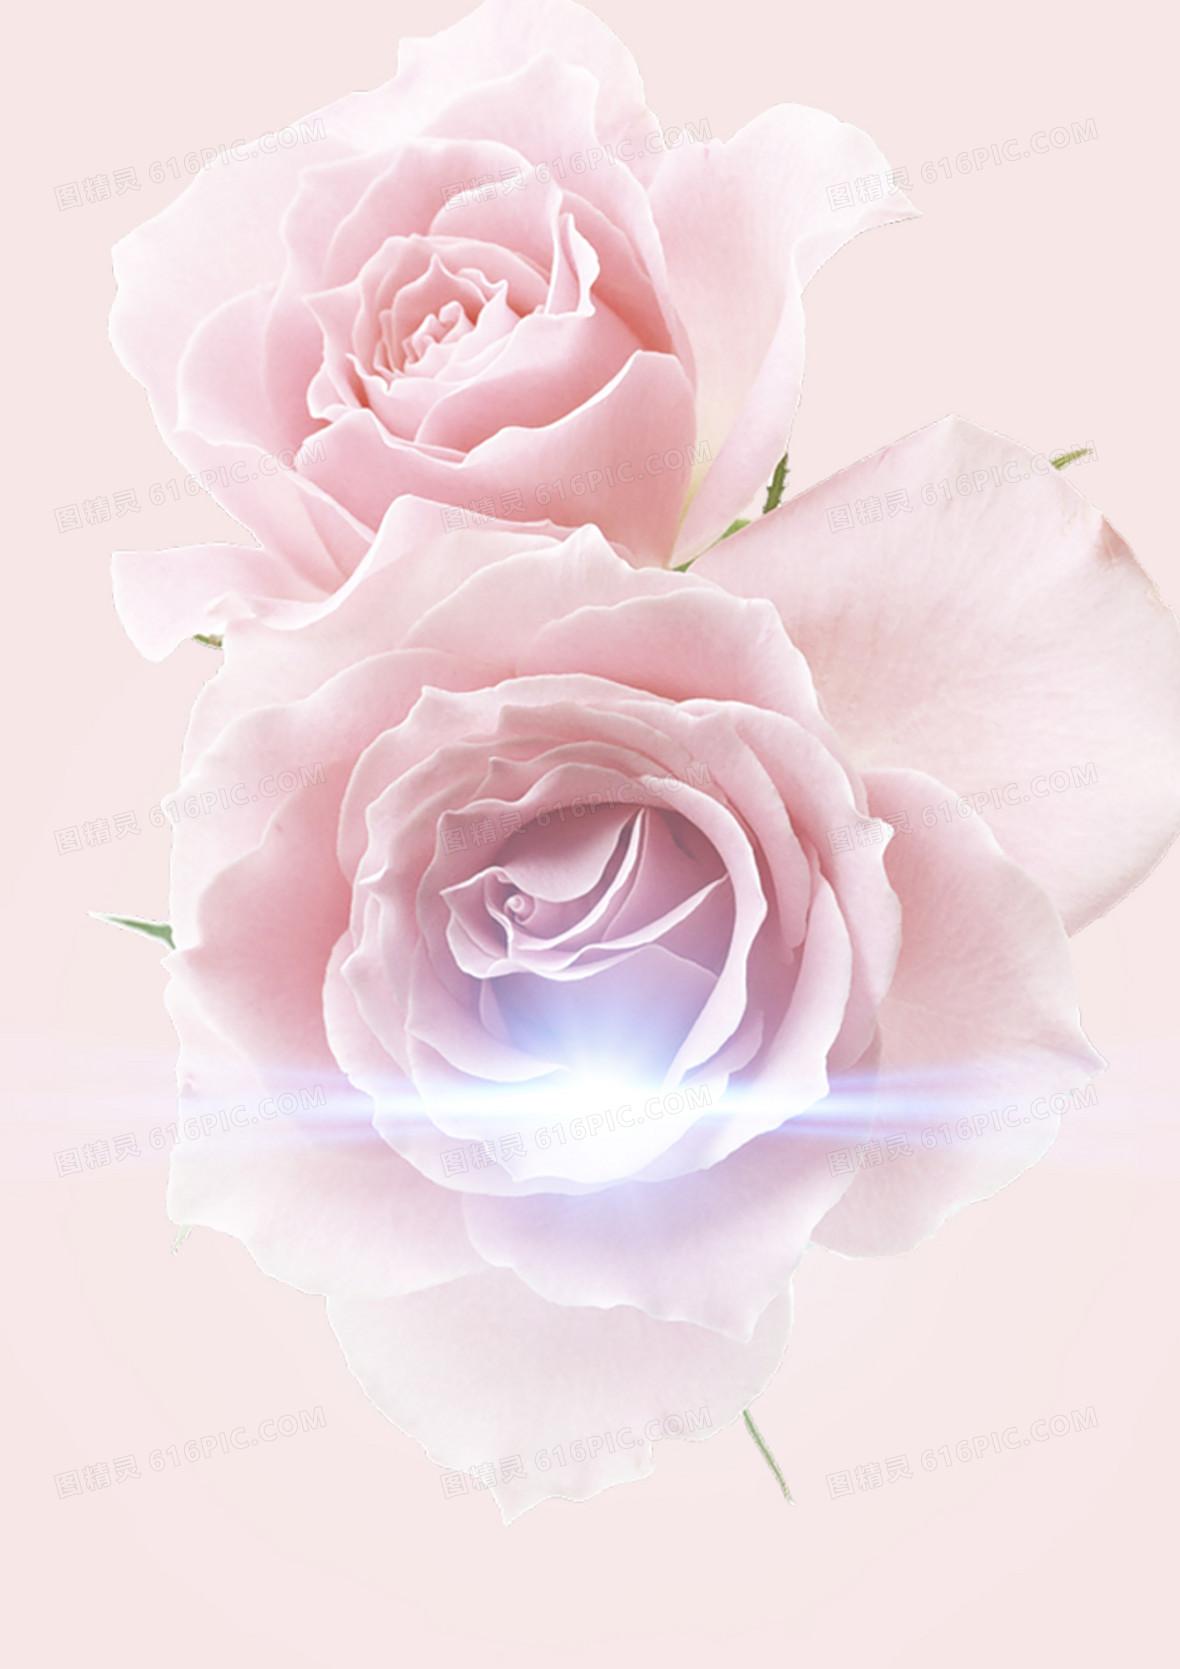 粉玫瑰海报背景素材